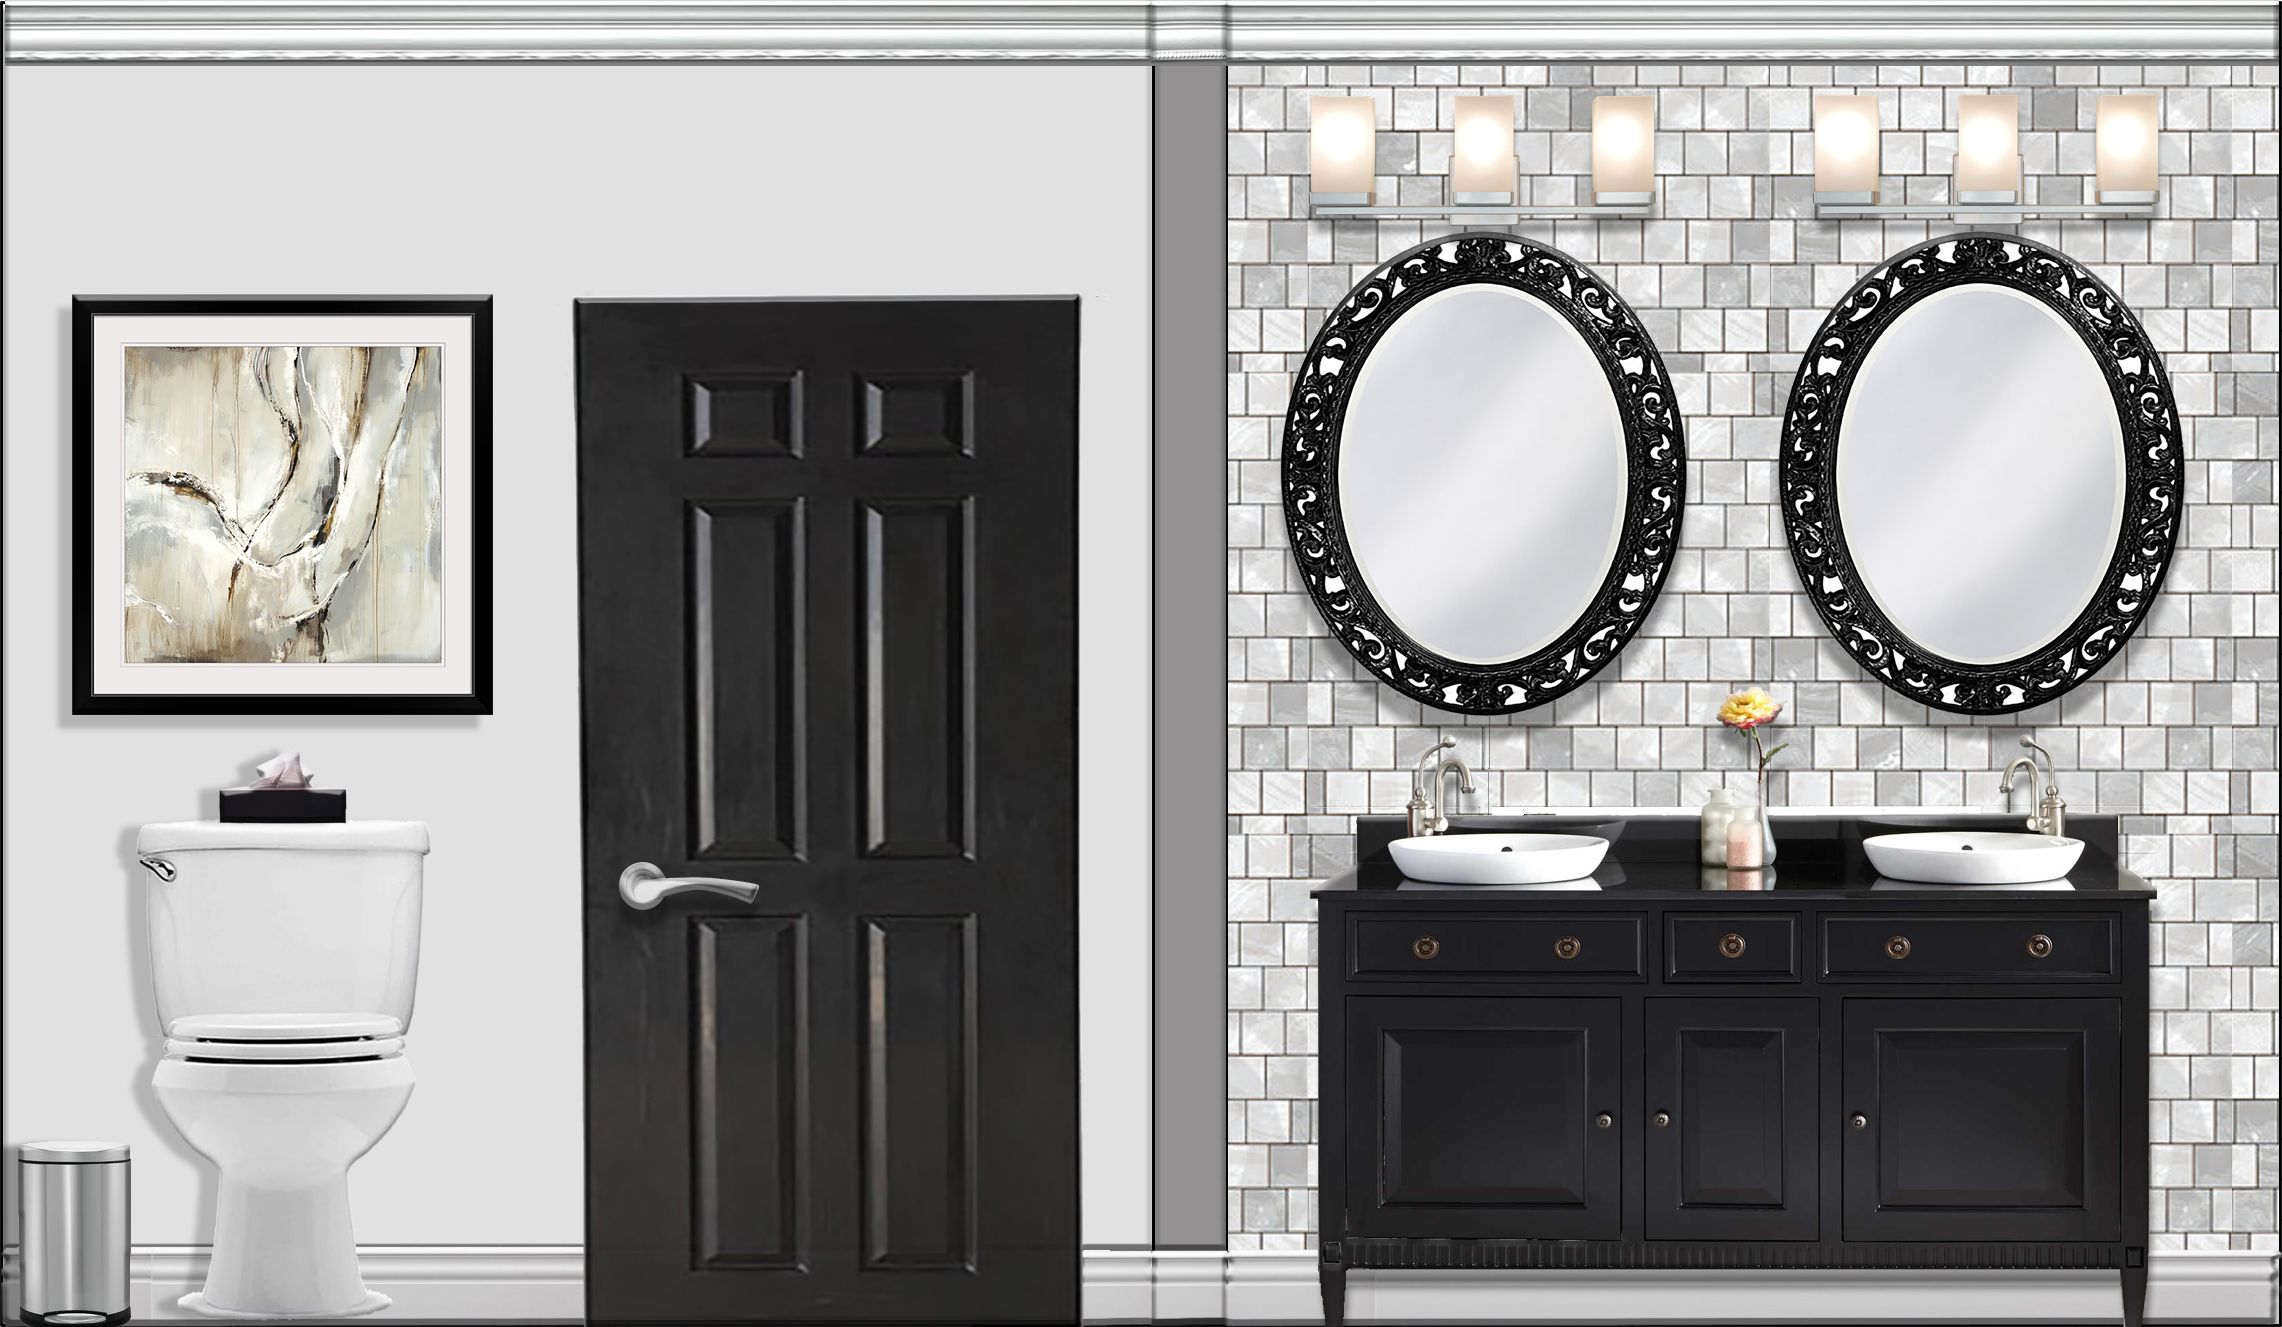 Bathroom Elevation Rendered In Photoshop Round Mirror Bathroom